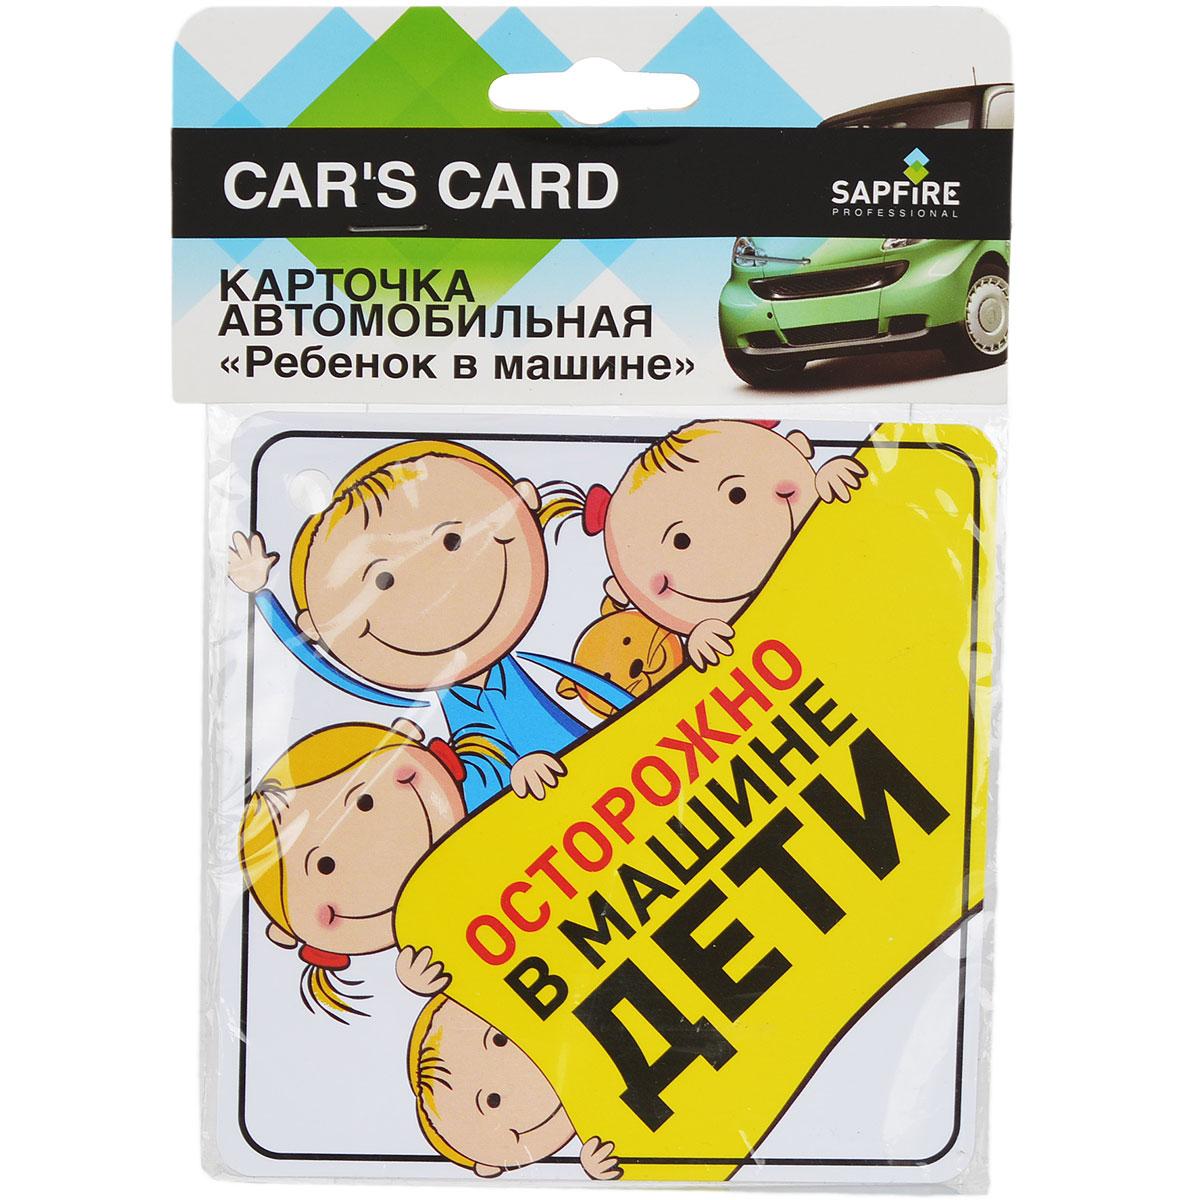 Карточка автомобильная Sapfire Осторожно, в машине детиВетерок 2ГФАвтомобильная карточка Sapfire сообщит автовладельцам о том, что у вас в машине находятся дети. Выполнена из ПВХ. Крепится на стекло с помощью присоски.